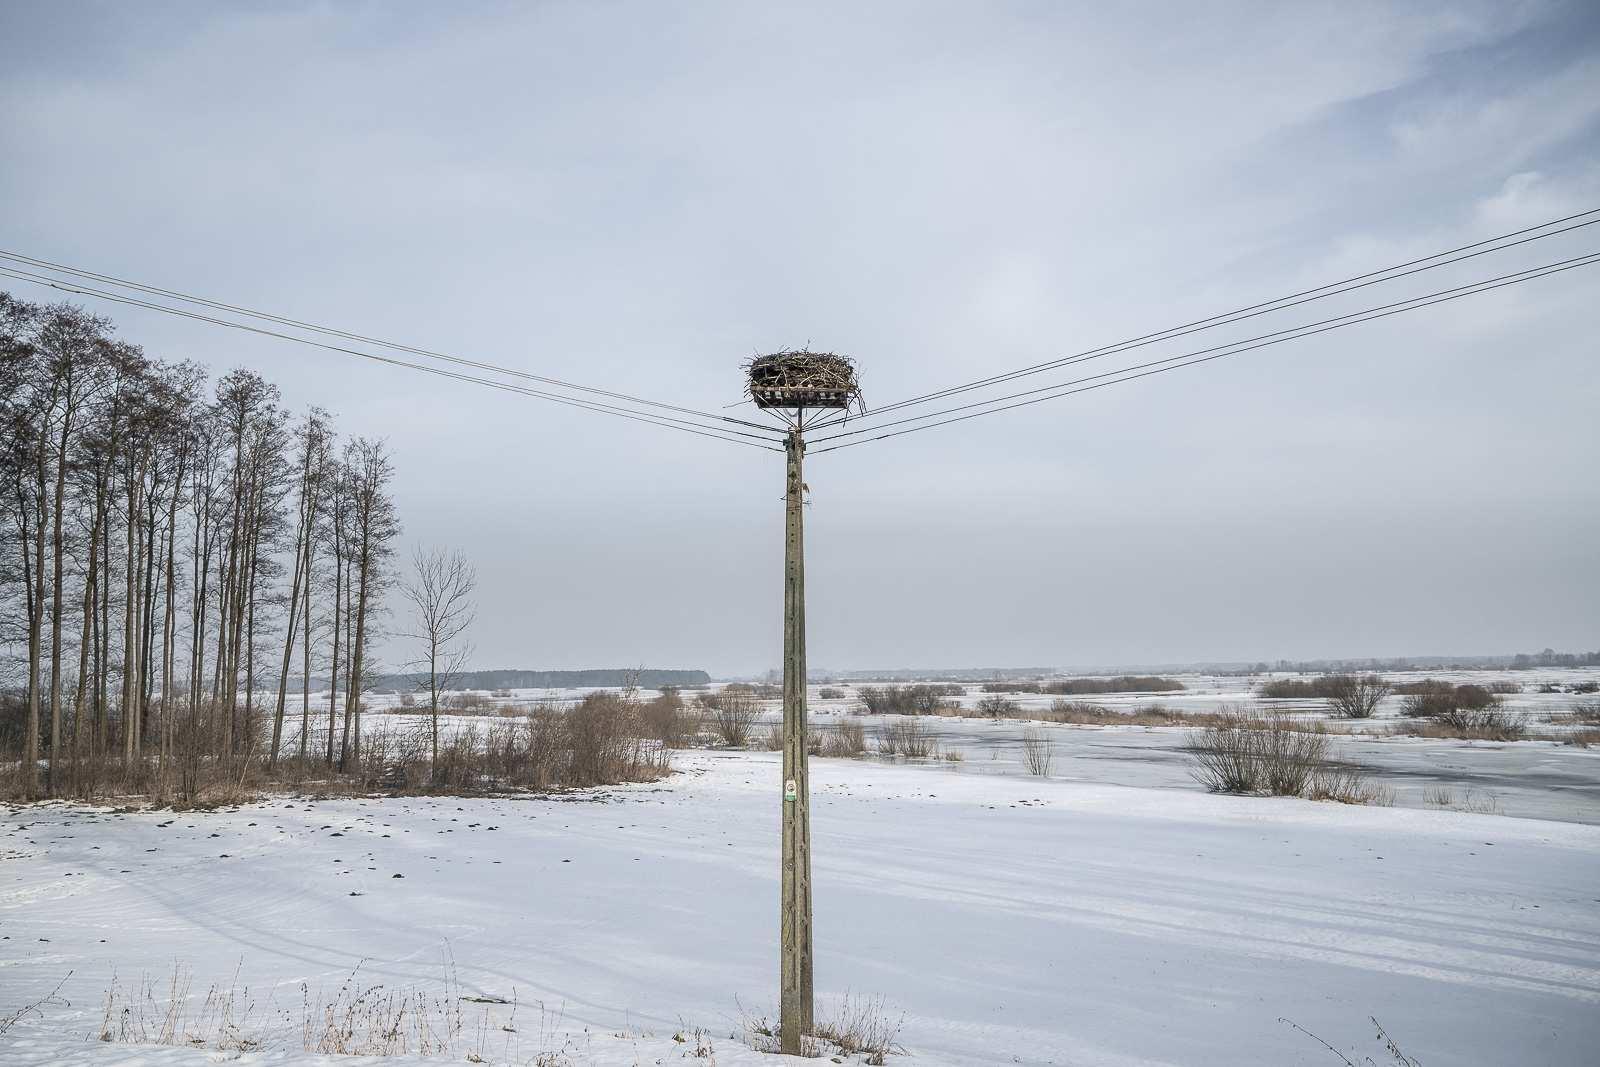 Ujście Biebrzy do Narwi, na pierwszym planie bocianie gniazdo na słupie. Fot. Krzysztof Skłodowski